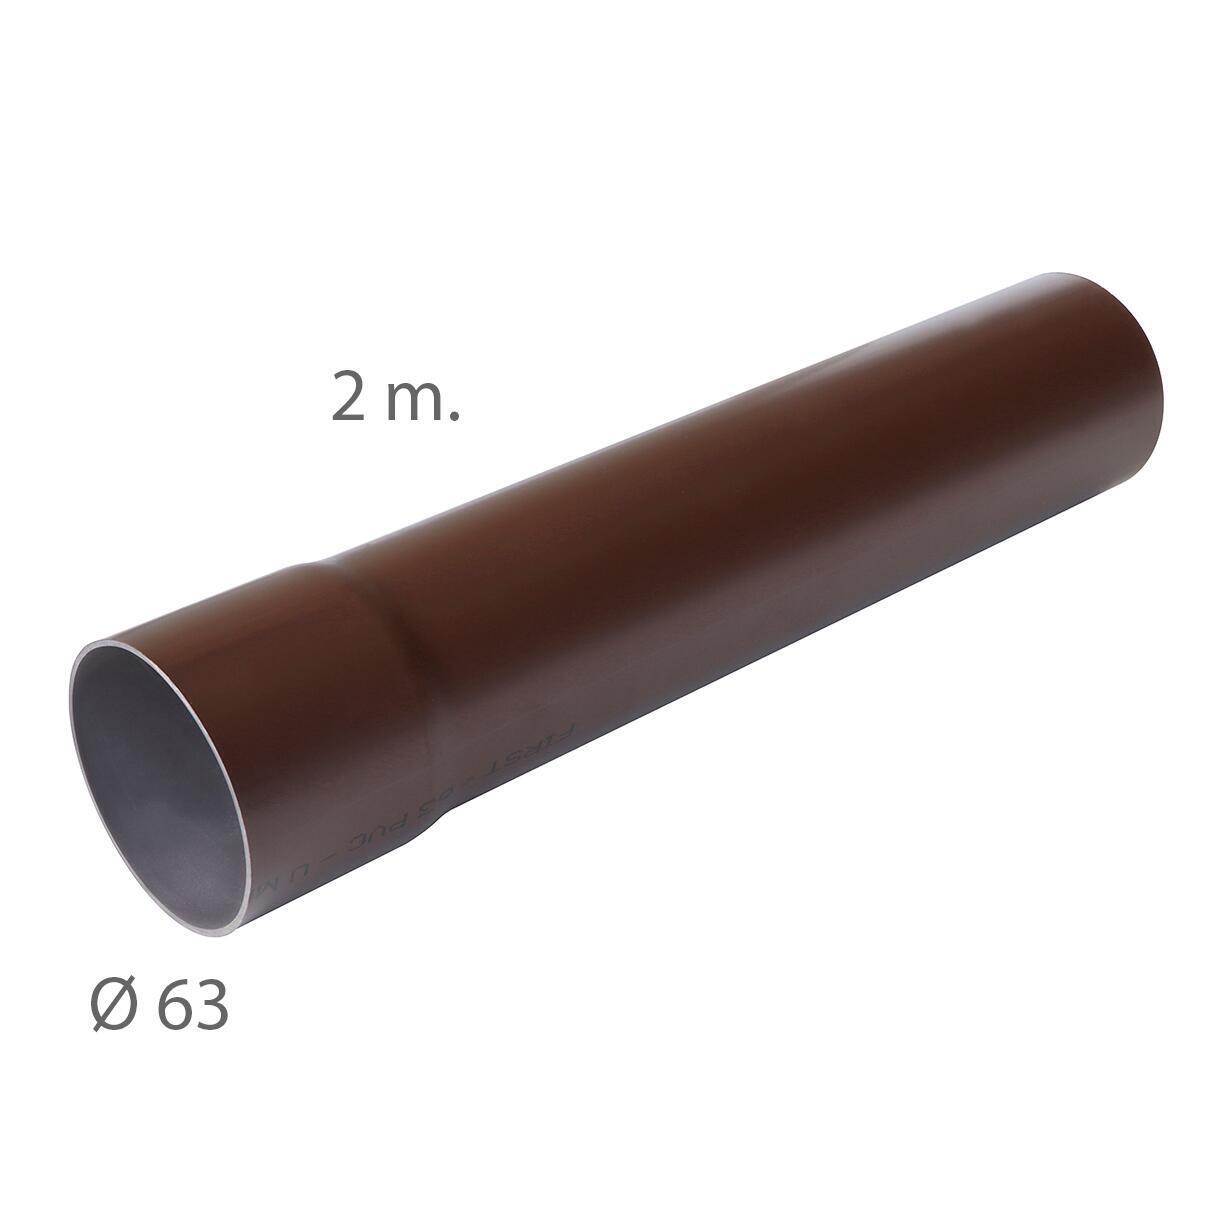 Tubo pluviale marrone L 2 m, Ø 63 mm - 3